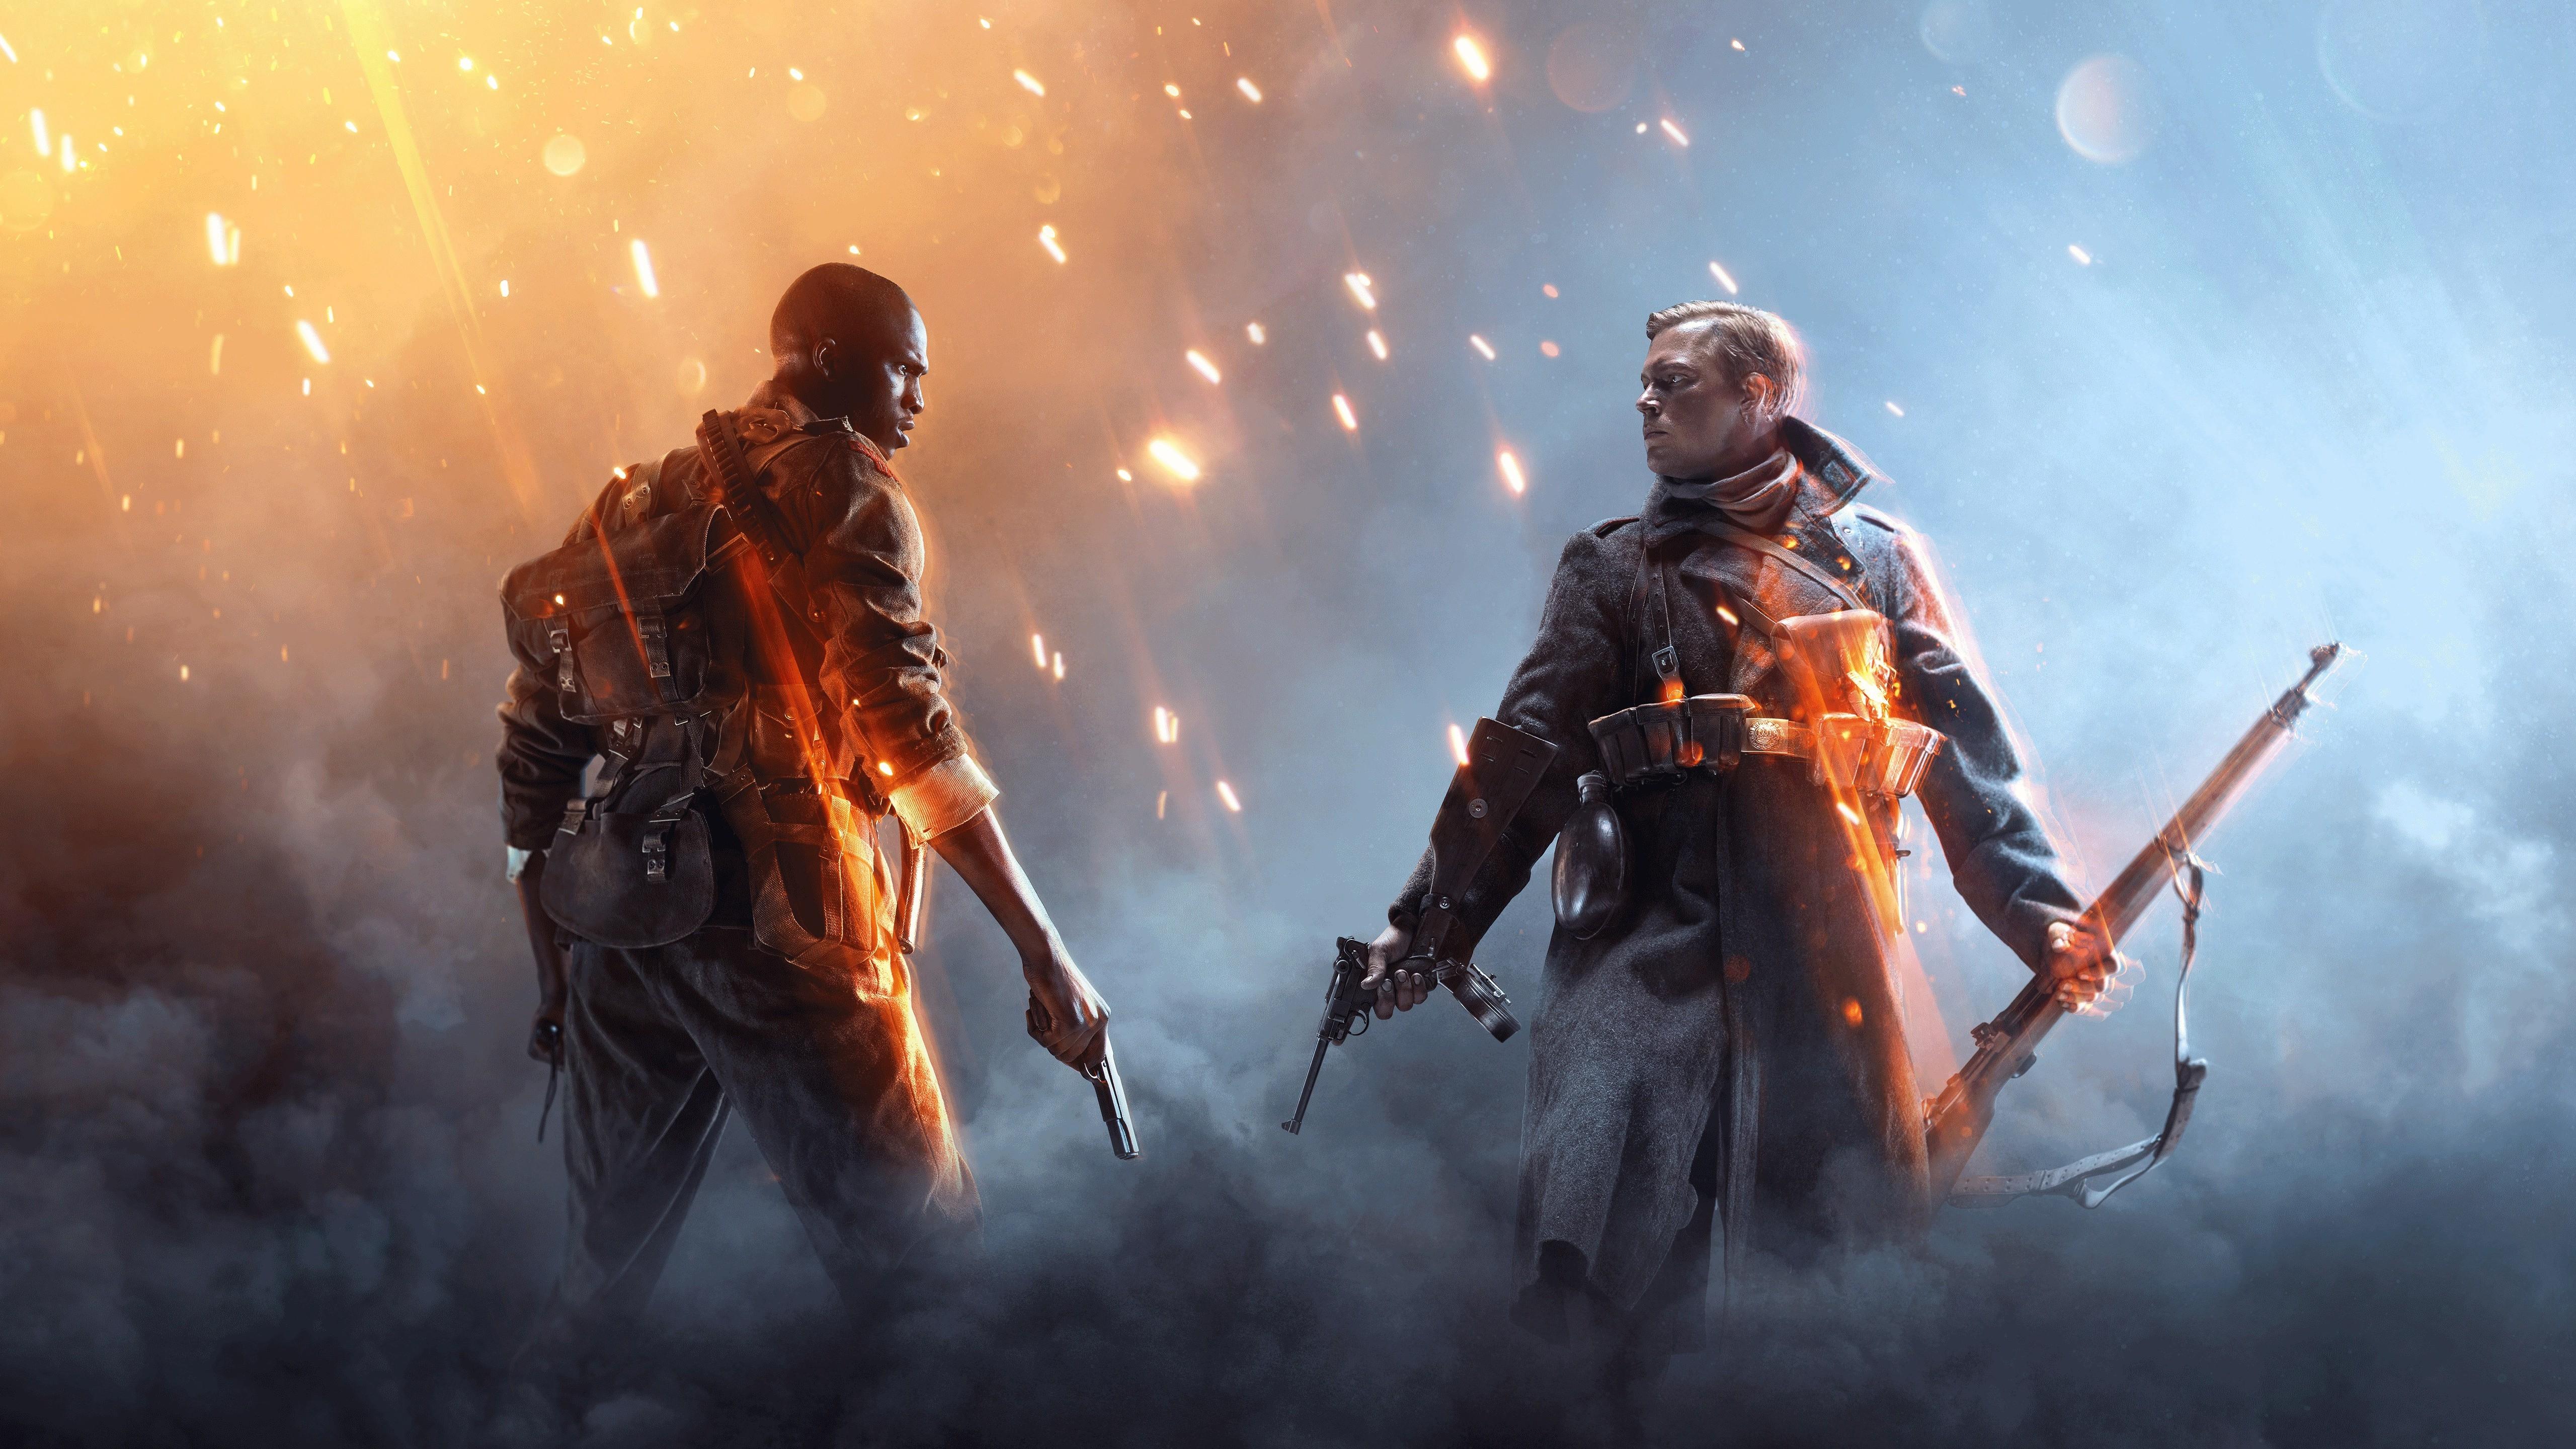 wallpaper battlefield 1 best games of 2016 shooter